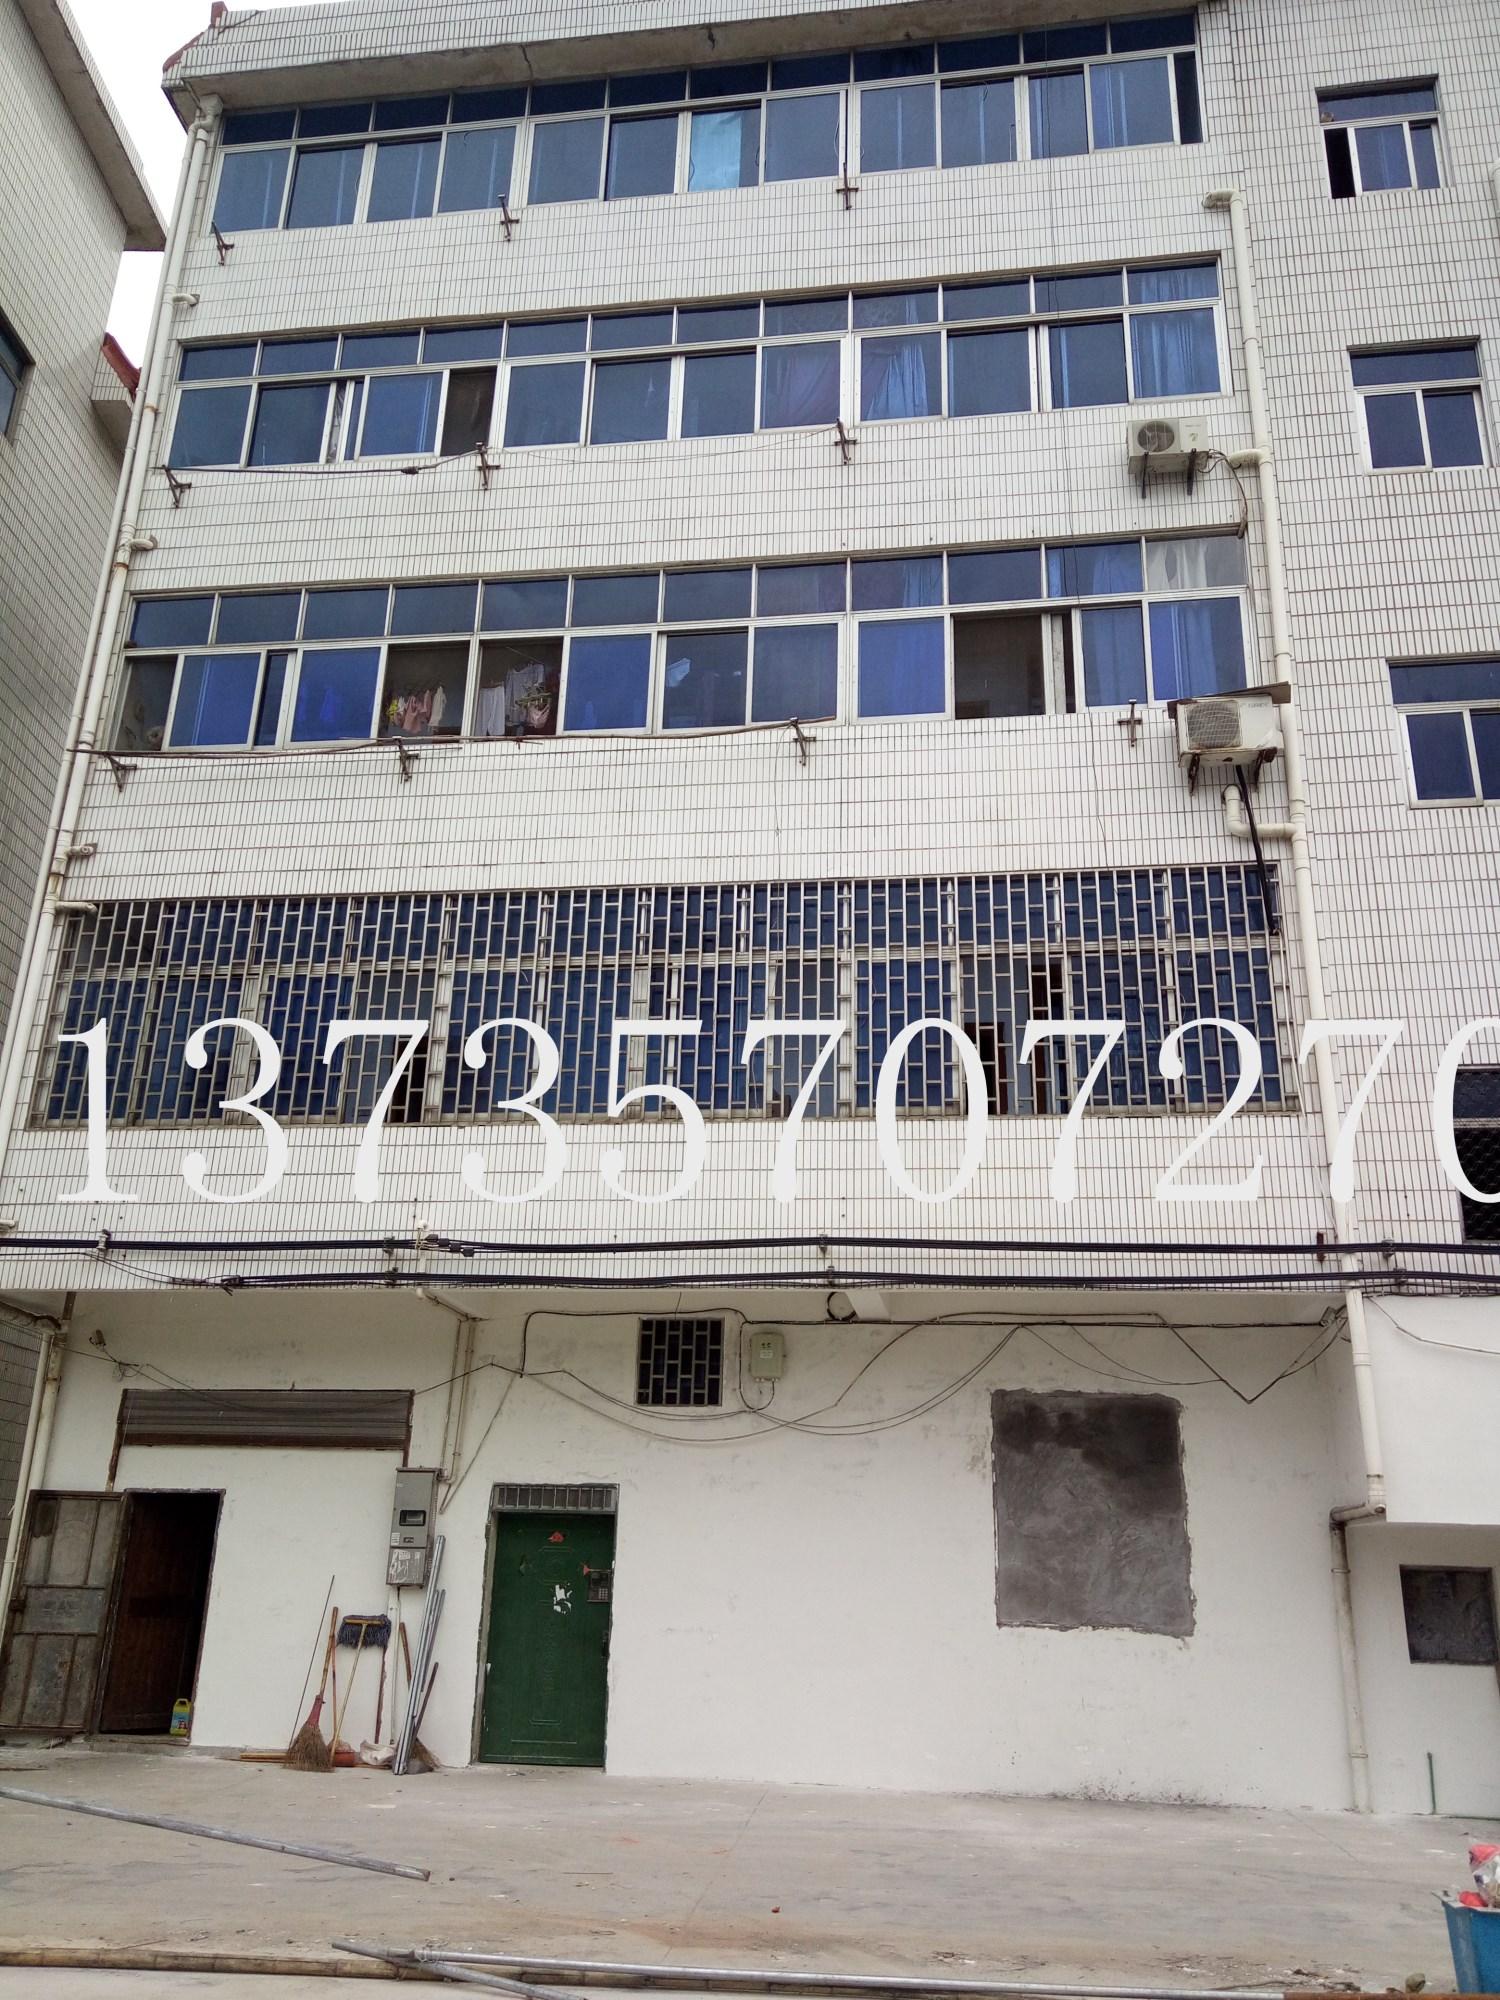 城北路垂直房 3间5层 占地137平已出让确权766平边套